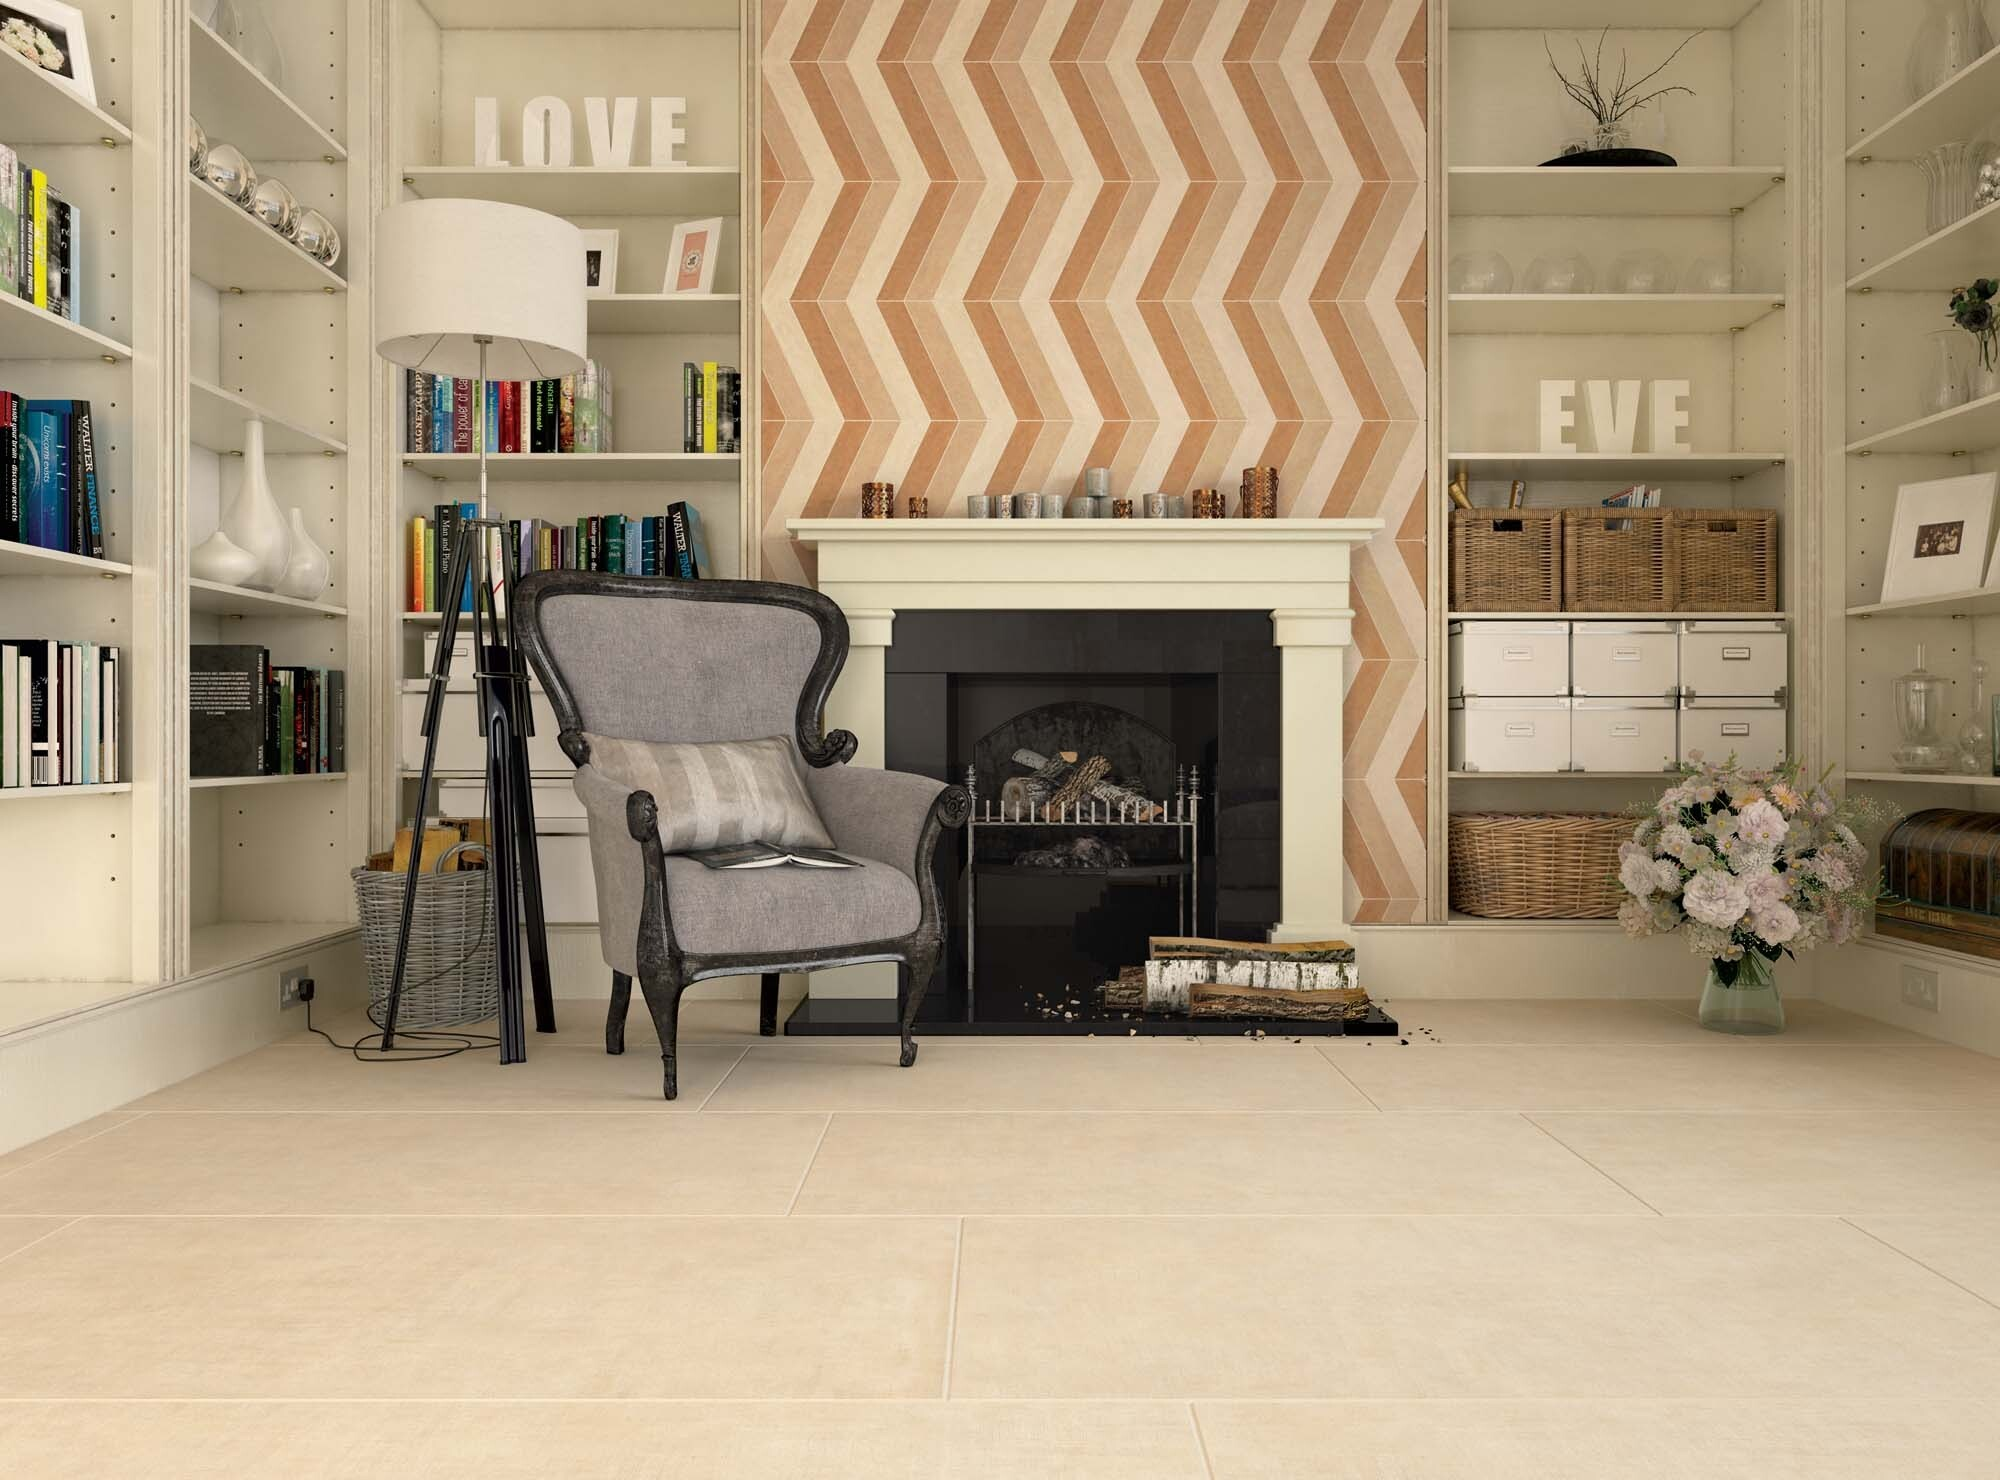 Керамический ковёр в интерьере: 5 вариантов для разных комнат